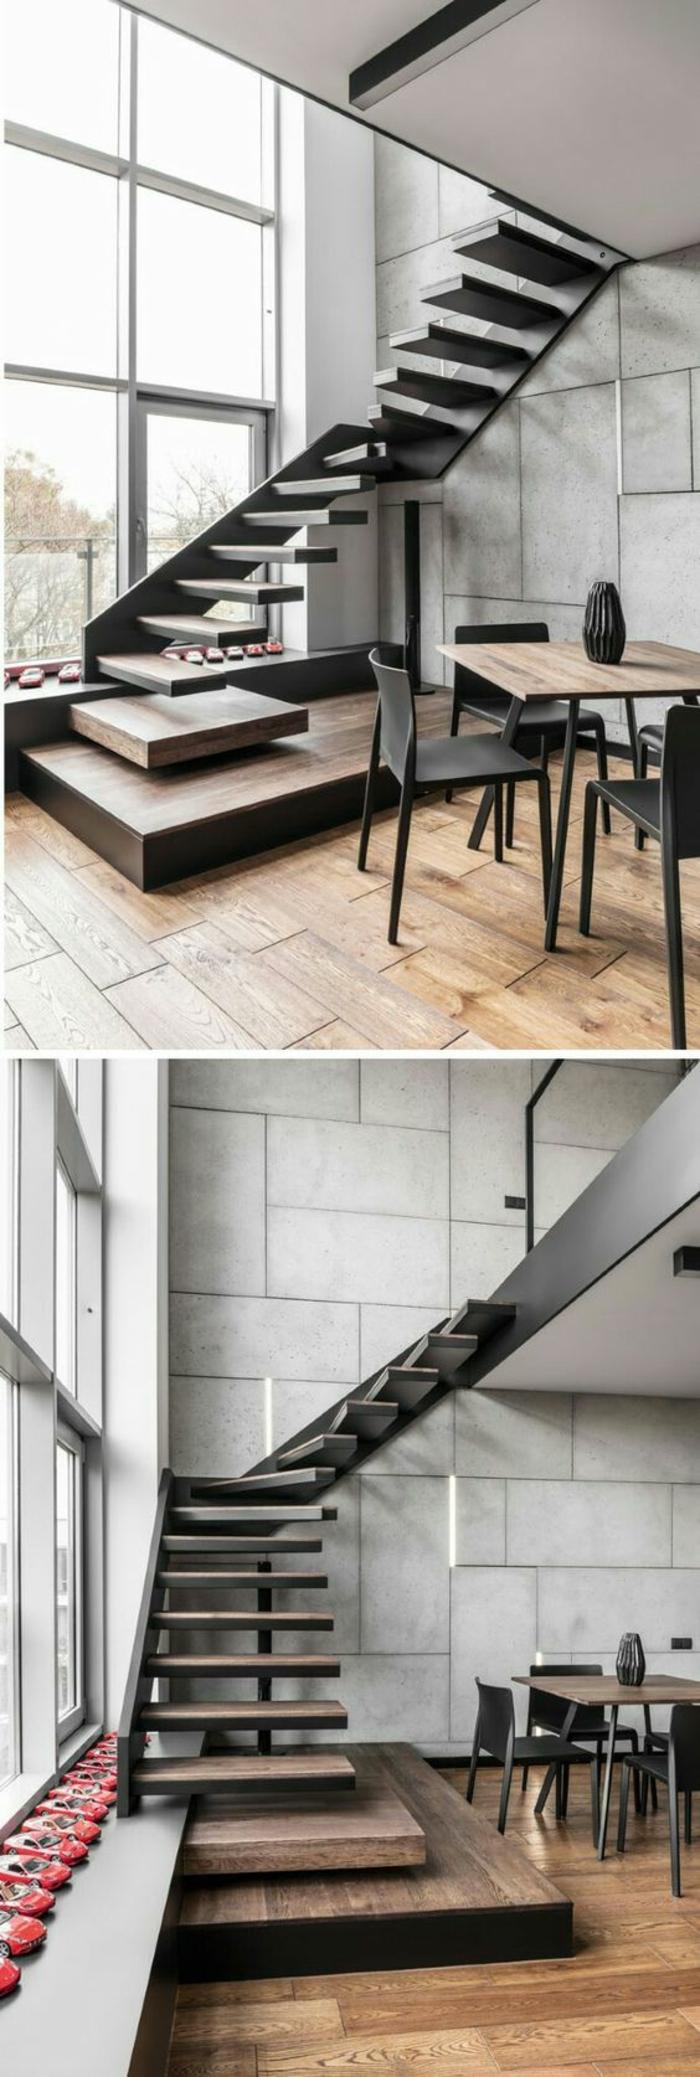 Escalier Interieur Maison Moderne ▷ 1001+ idées pour un escalier design + les intérieurs